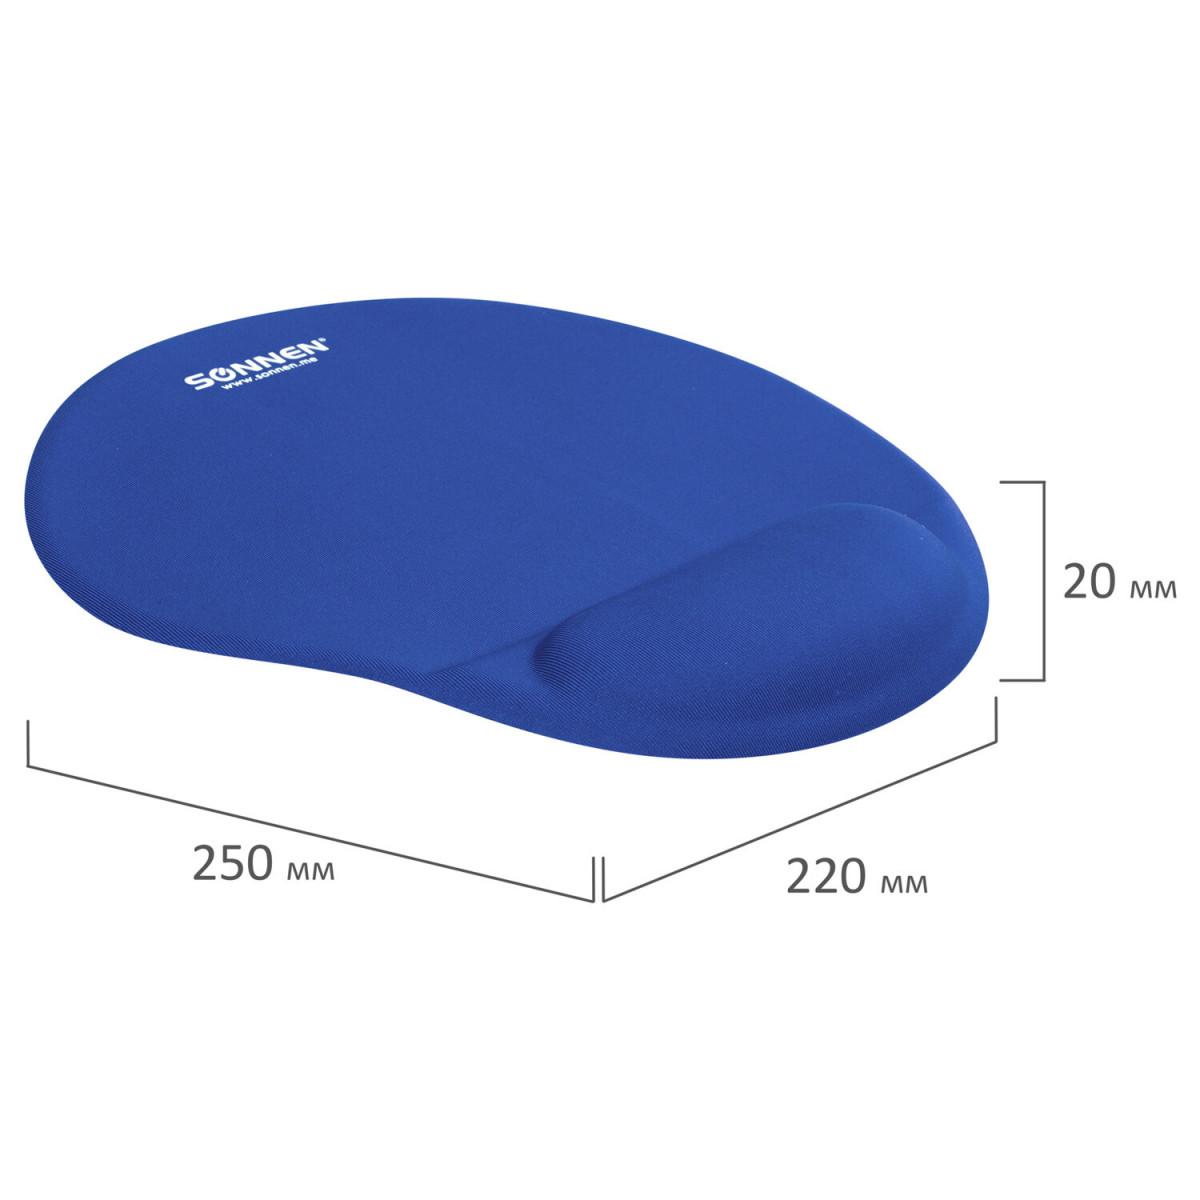 Коврик для мыши с подушкой под запястье SONNEN, полиуретан + лайкра, 250х220х20 мм, синий, 513300 (арт. 513300)